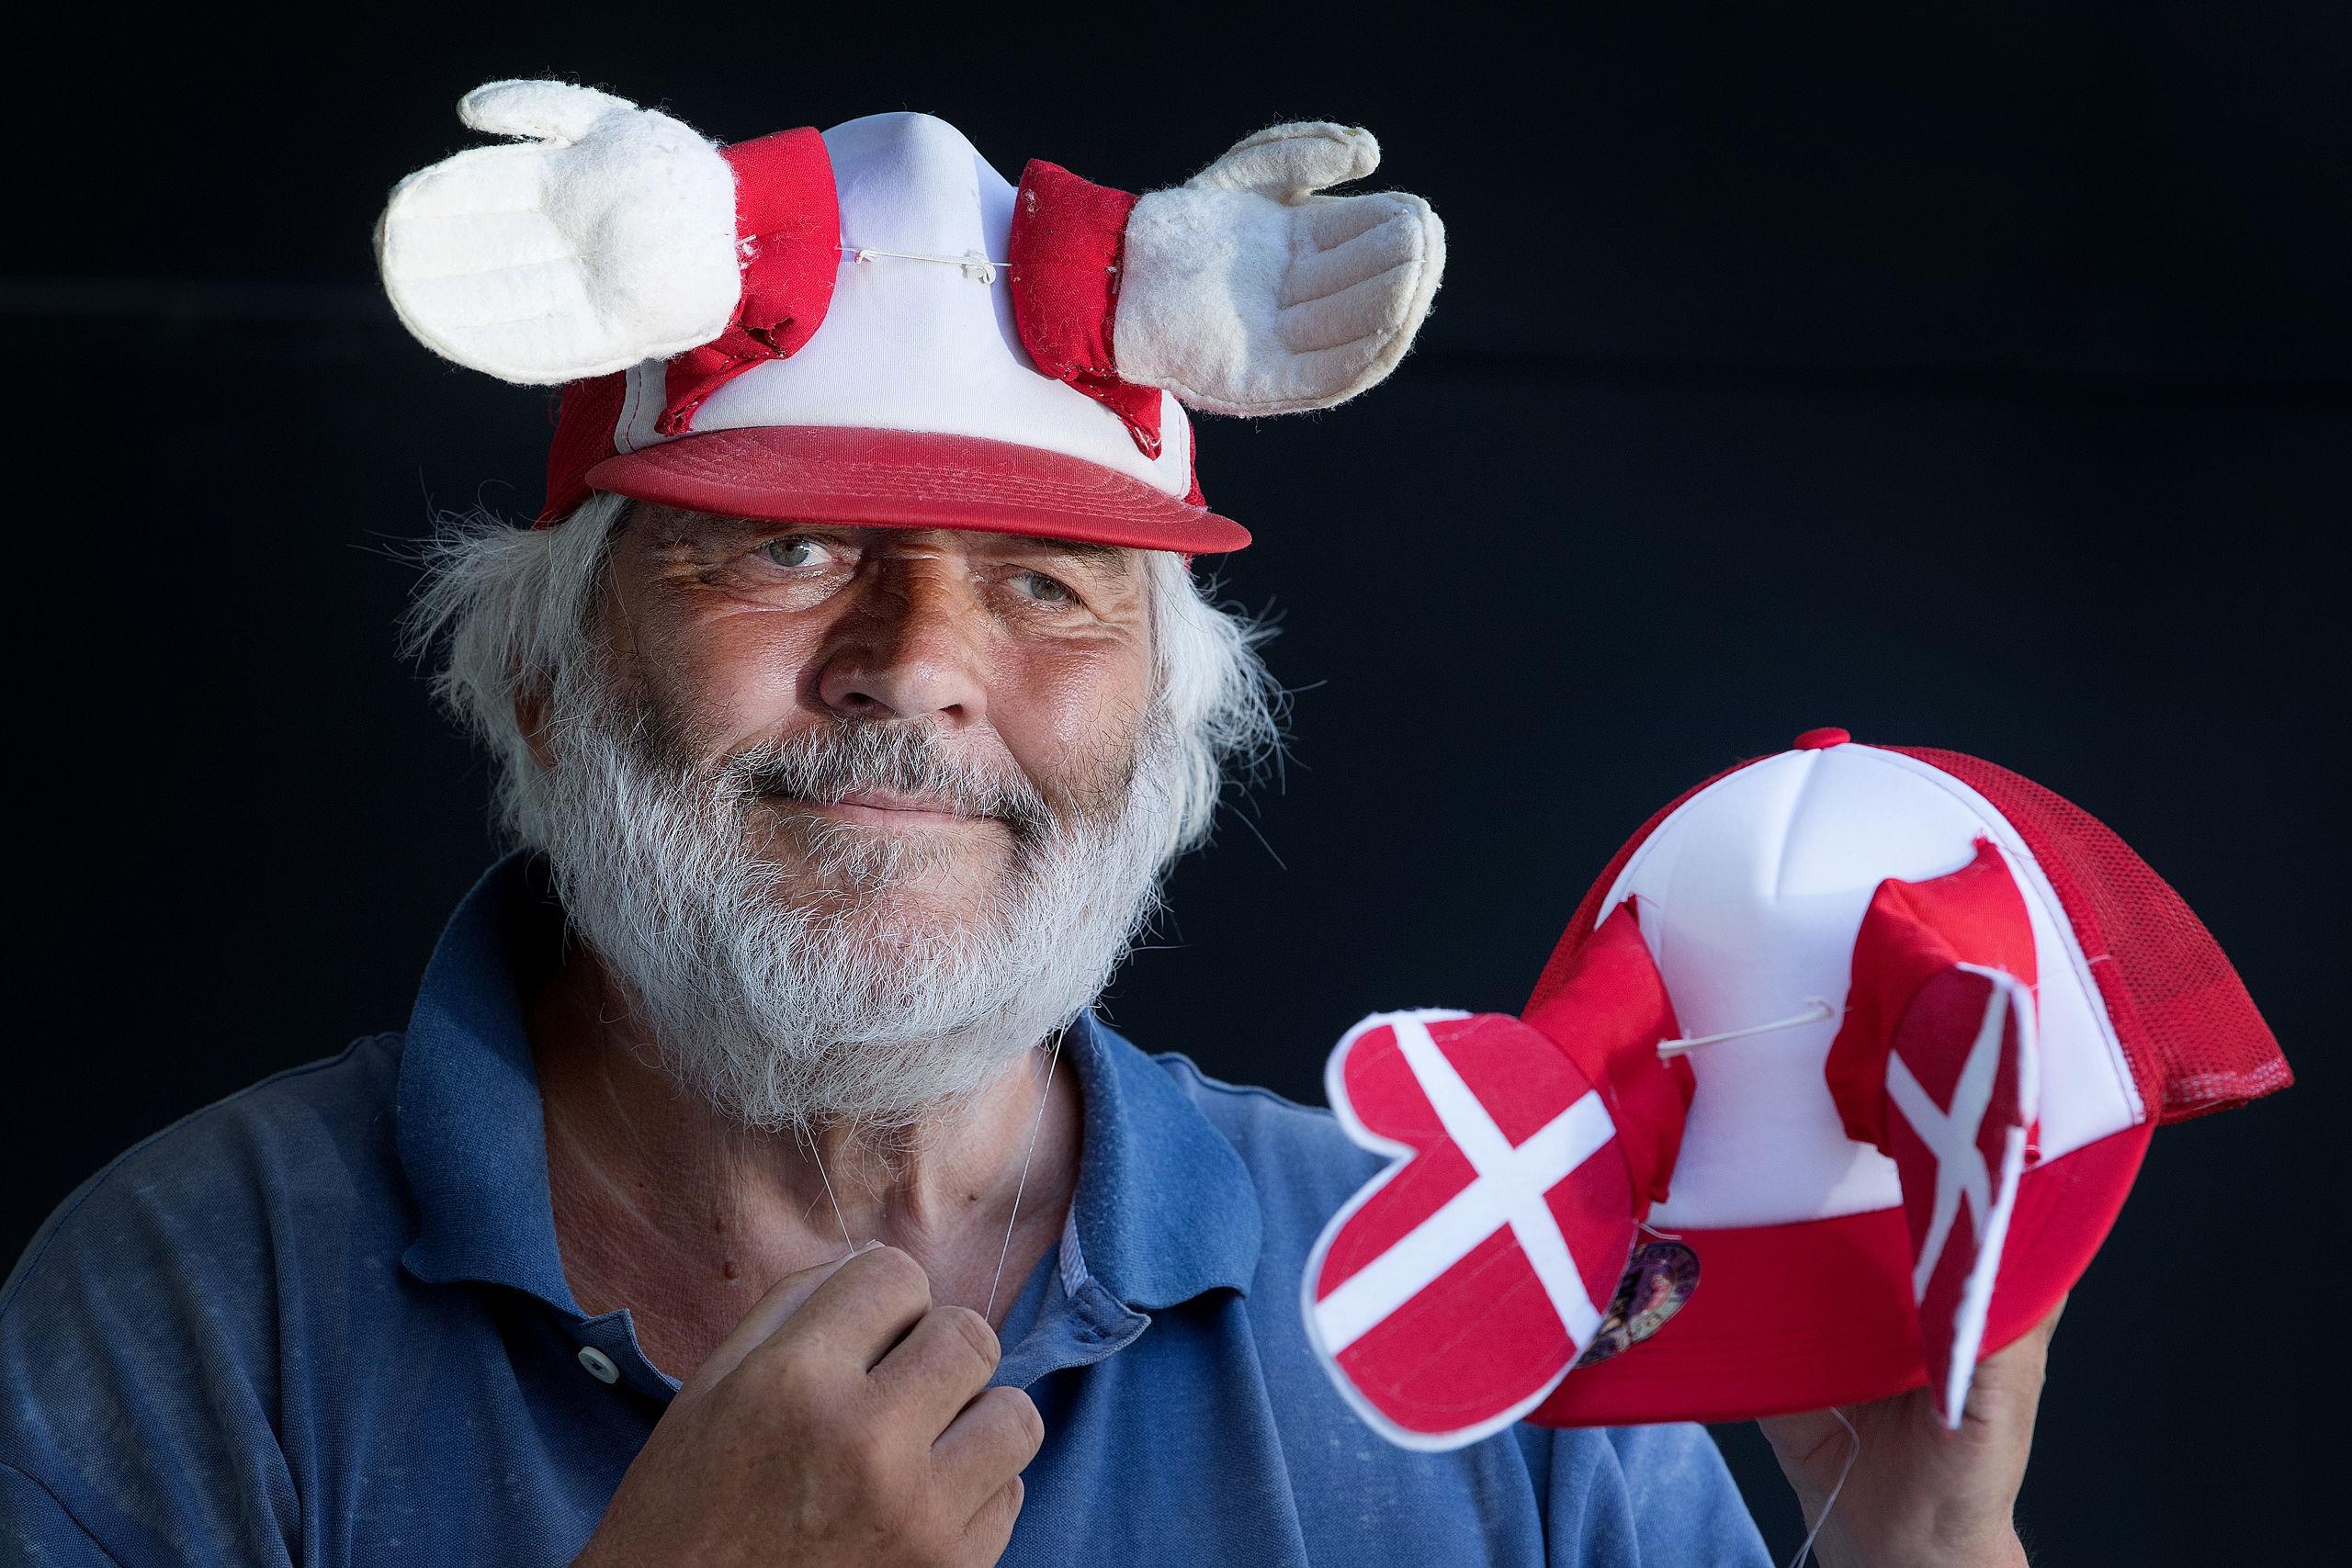 Peter Wendelboe med den første klaphat fra 1981 på hovedet. I hånden den ny, som er forsynet med et DBU-logo. Foto: Torben Hansen